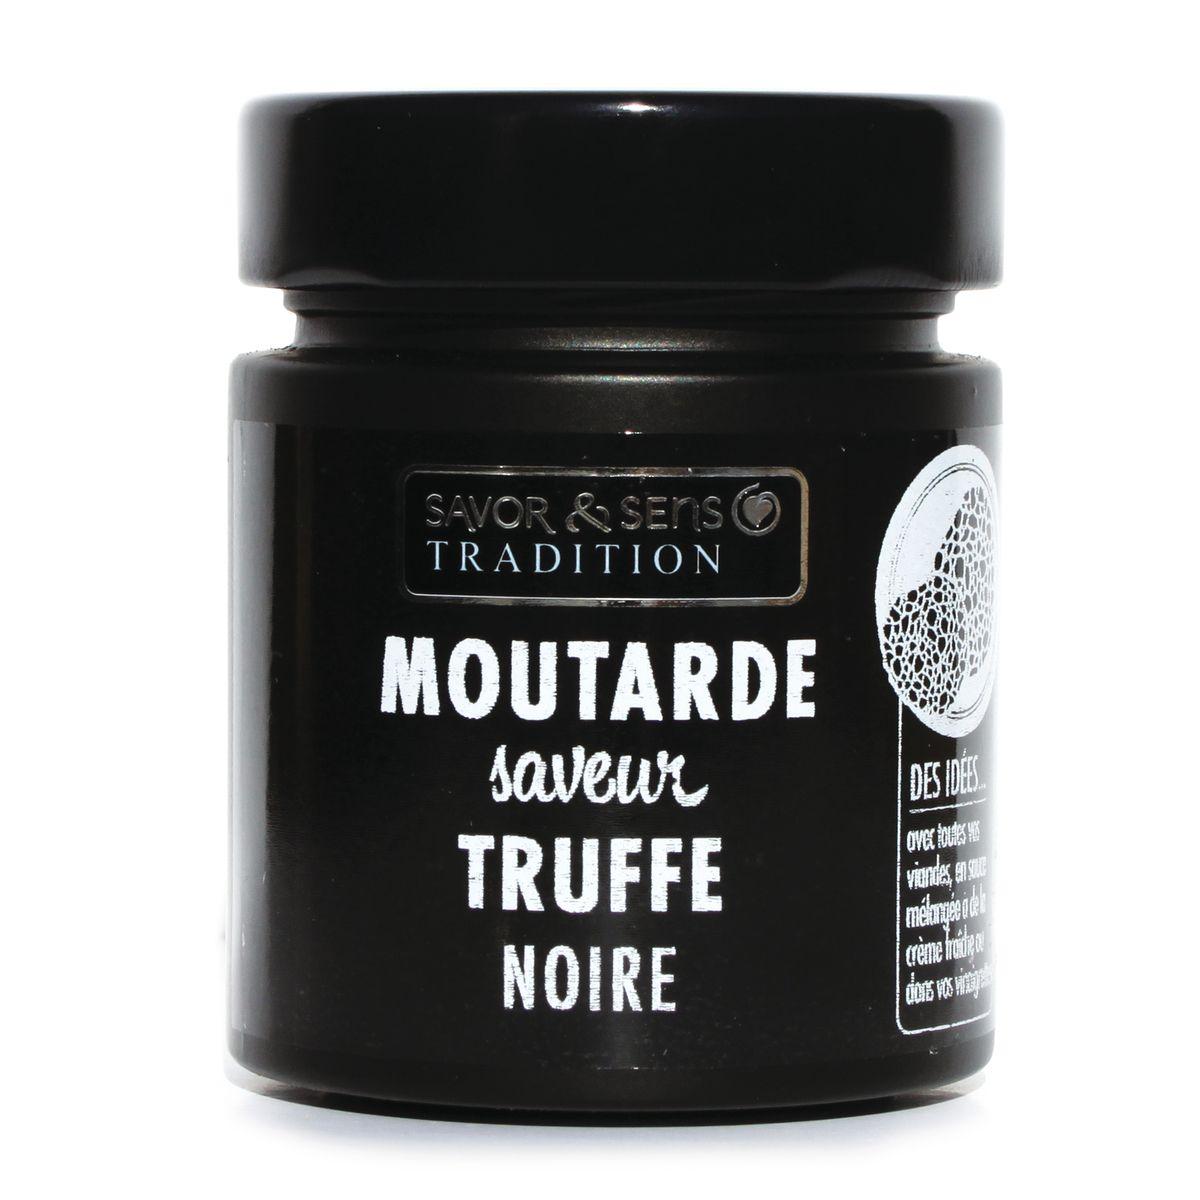 MOUTARDE SAVEUR TRUFFE NOIRE - SAVOR ET SENS